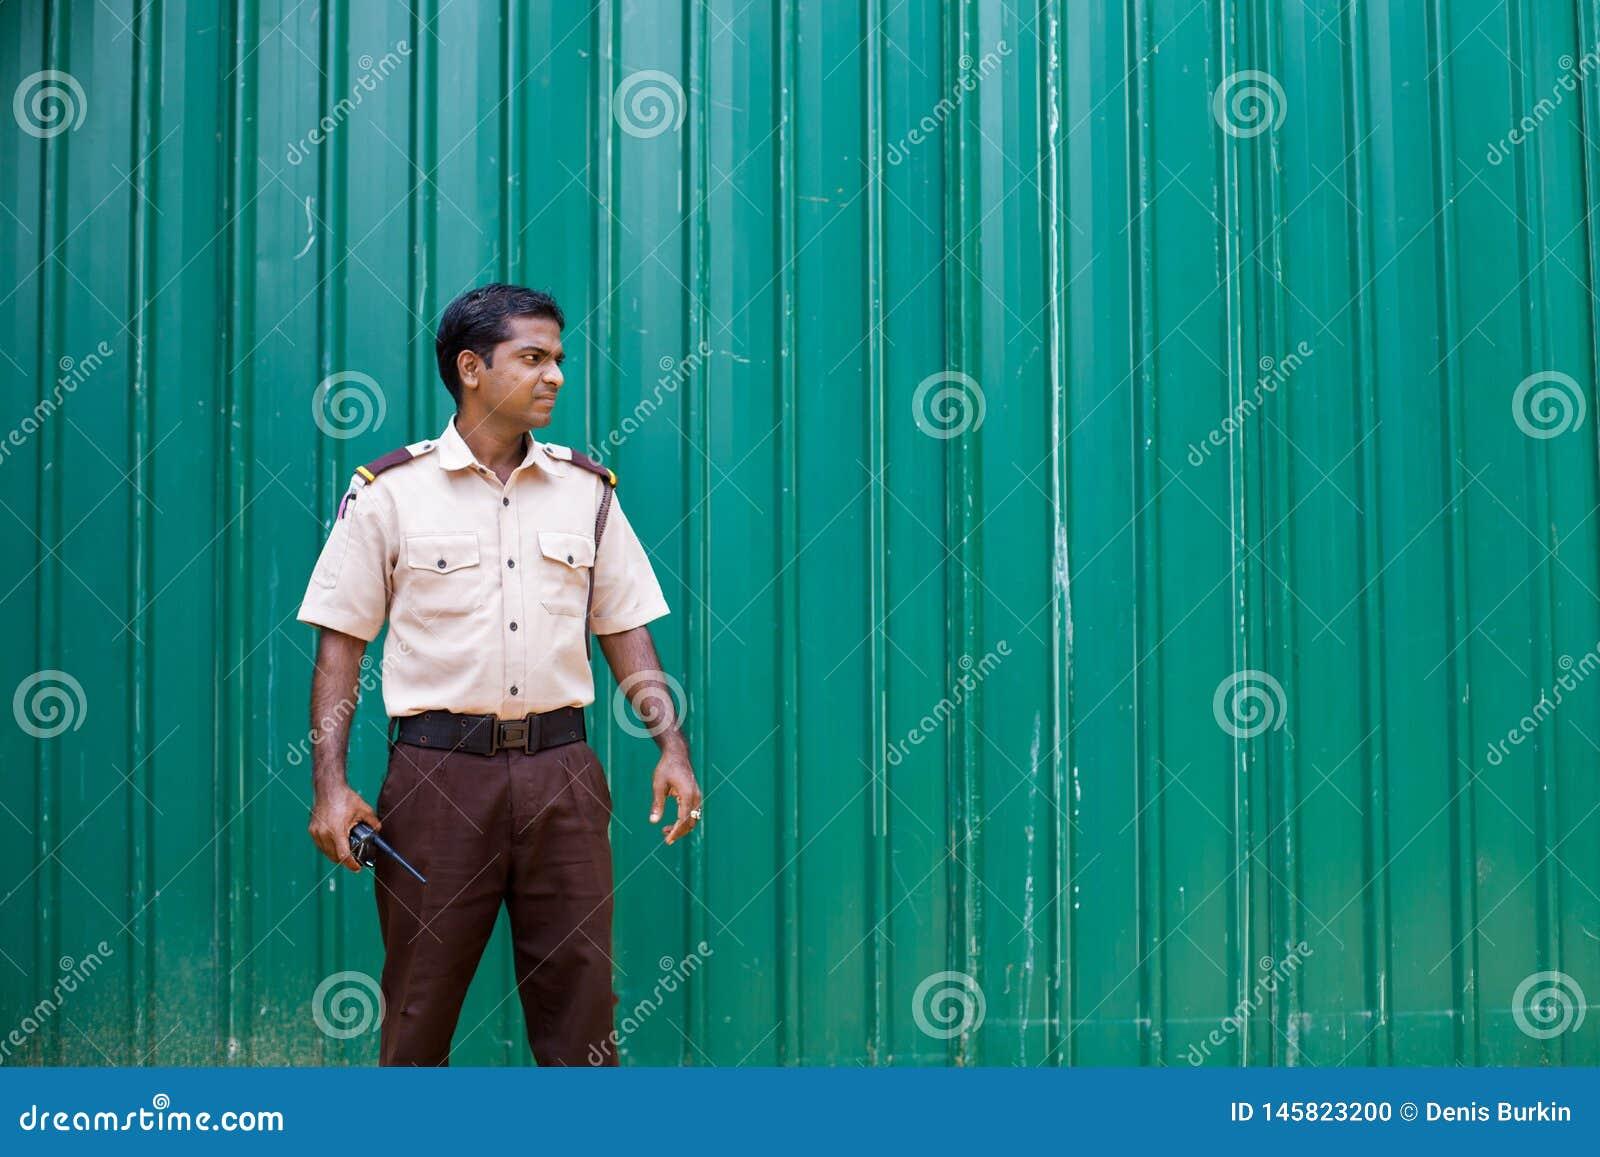 Hotelveiligheidsagent in Sri Lanka tegen een groene omheining